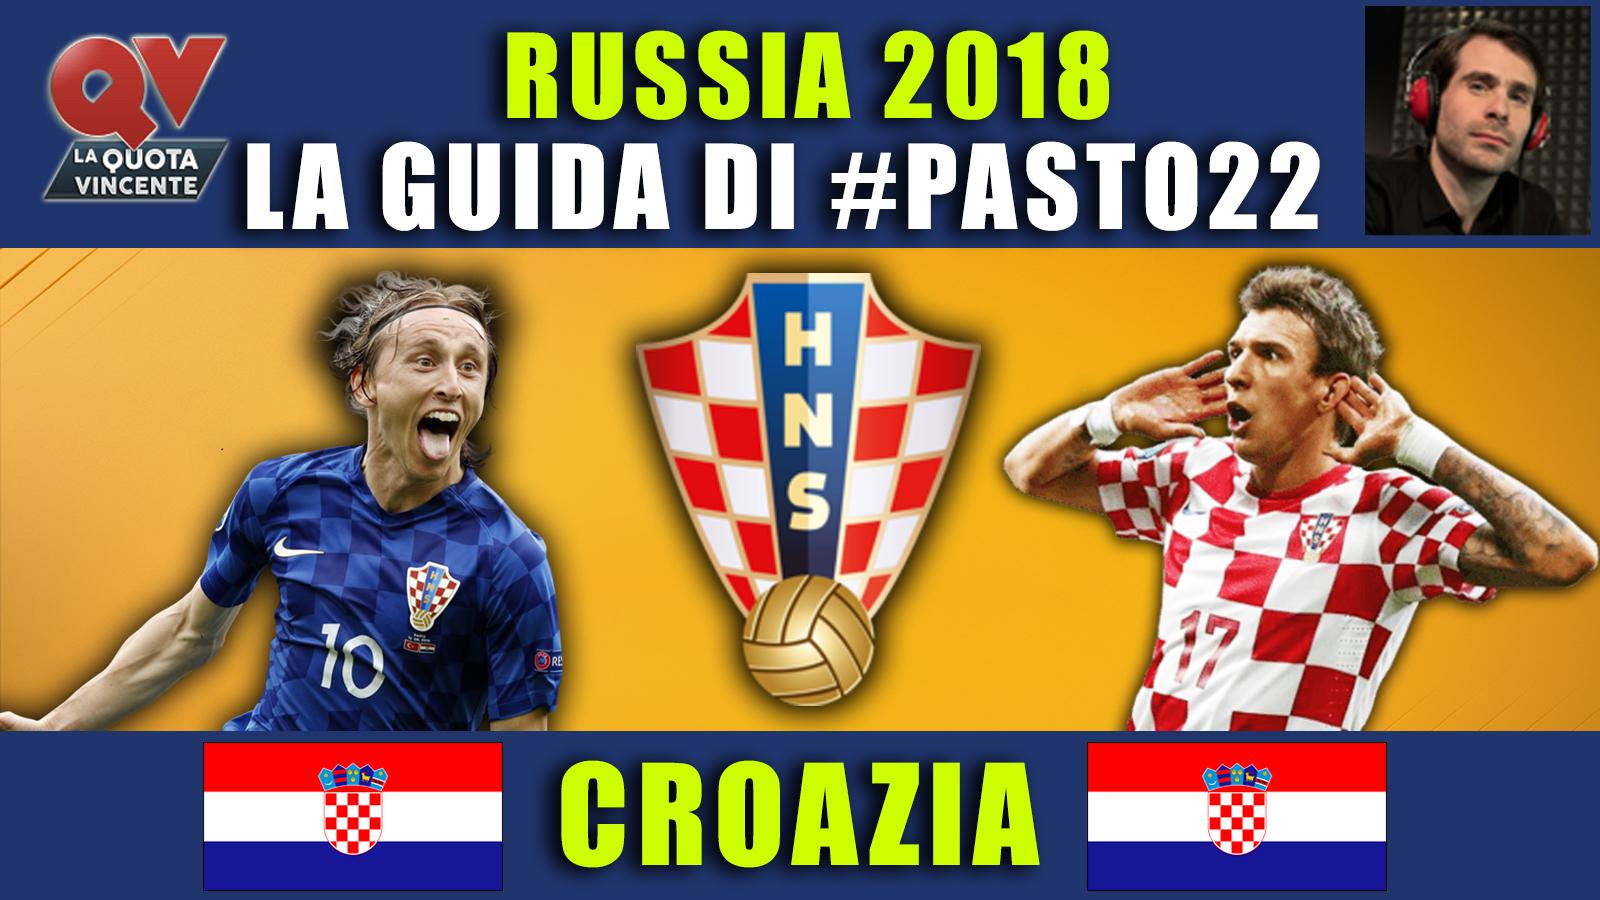 Guida Mondiali Russia 2018 Croazia